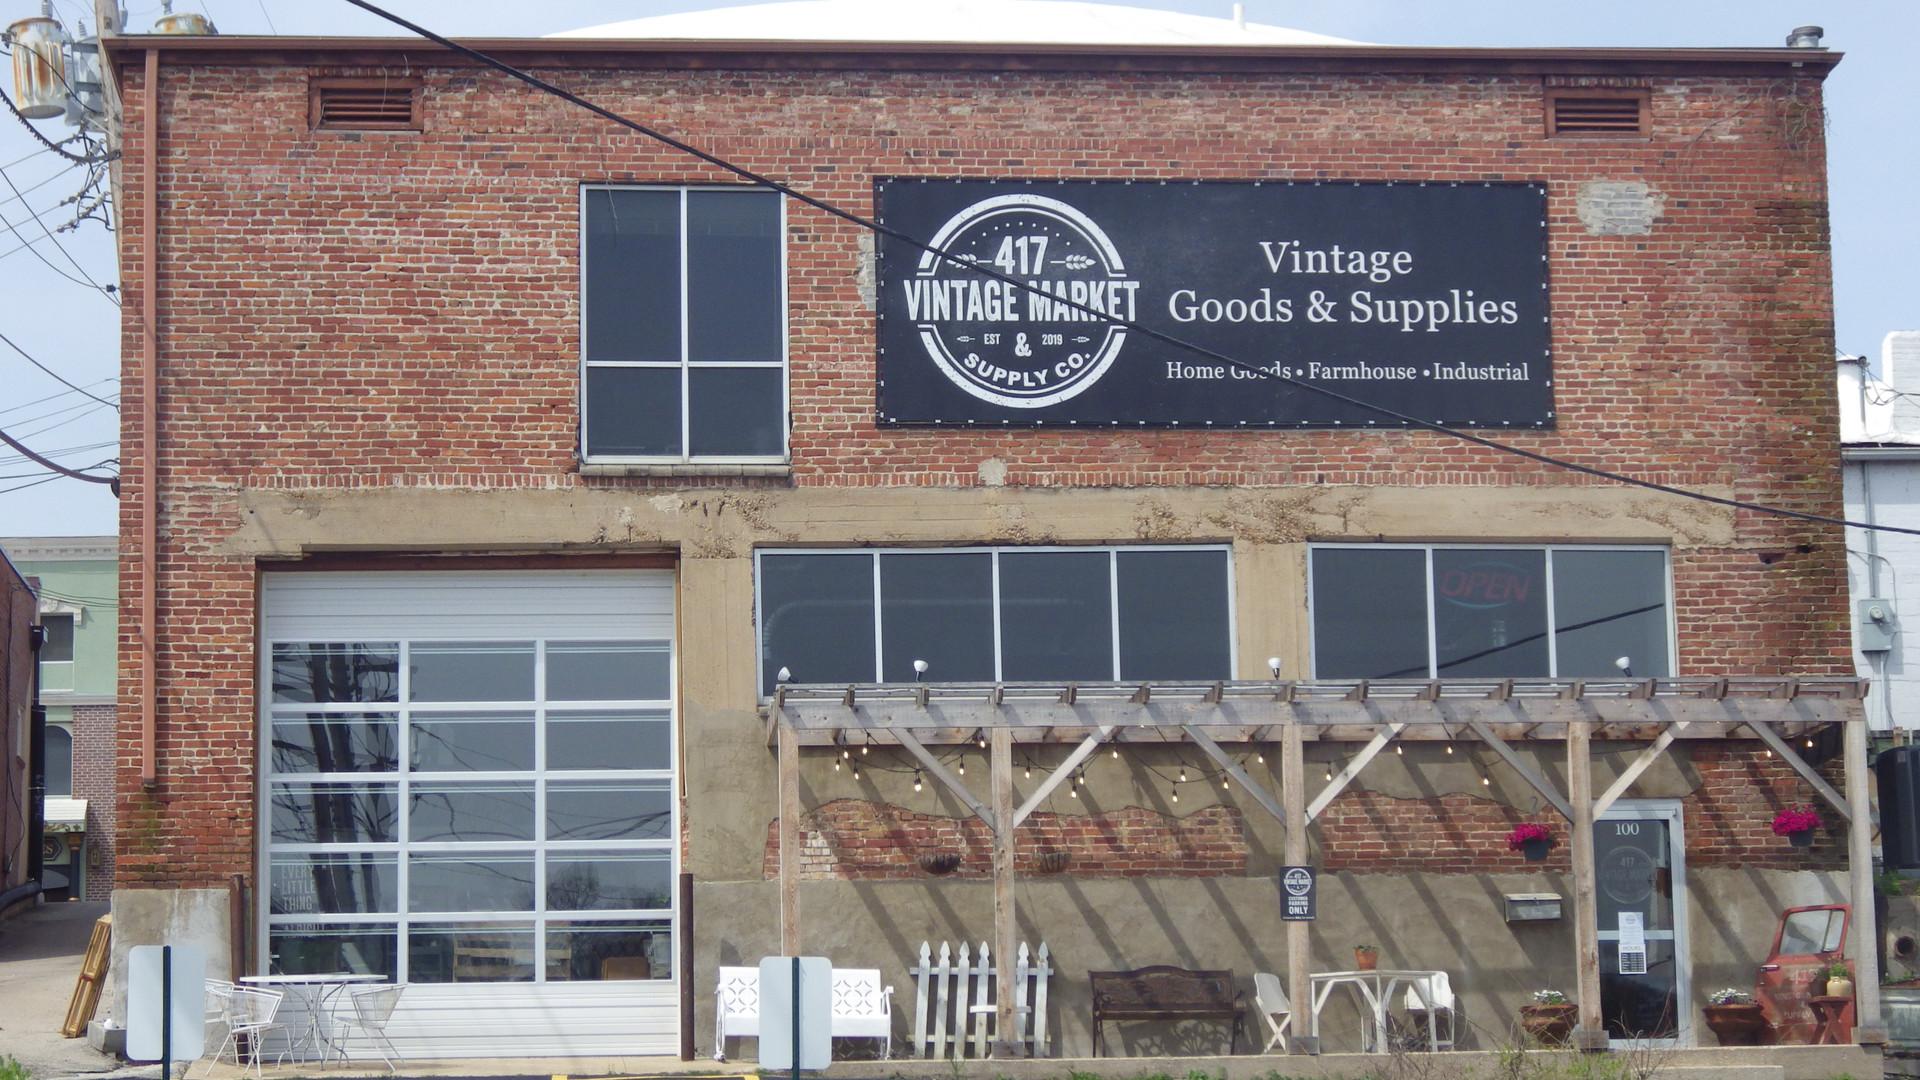 417 vintage market